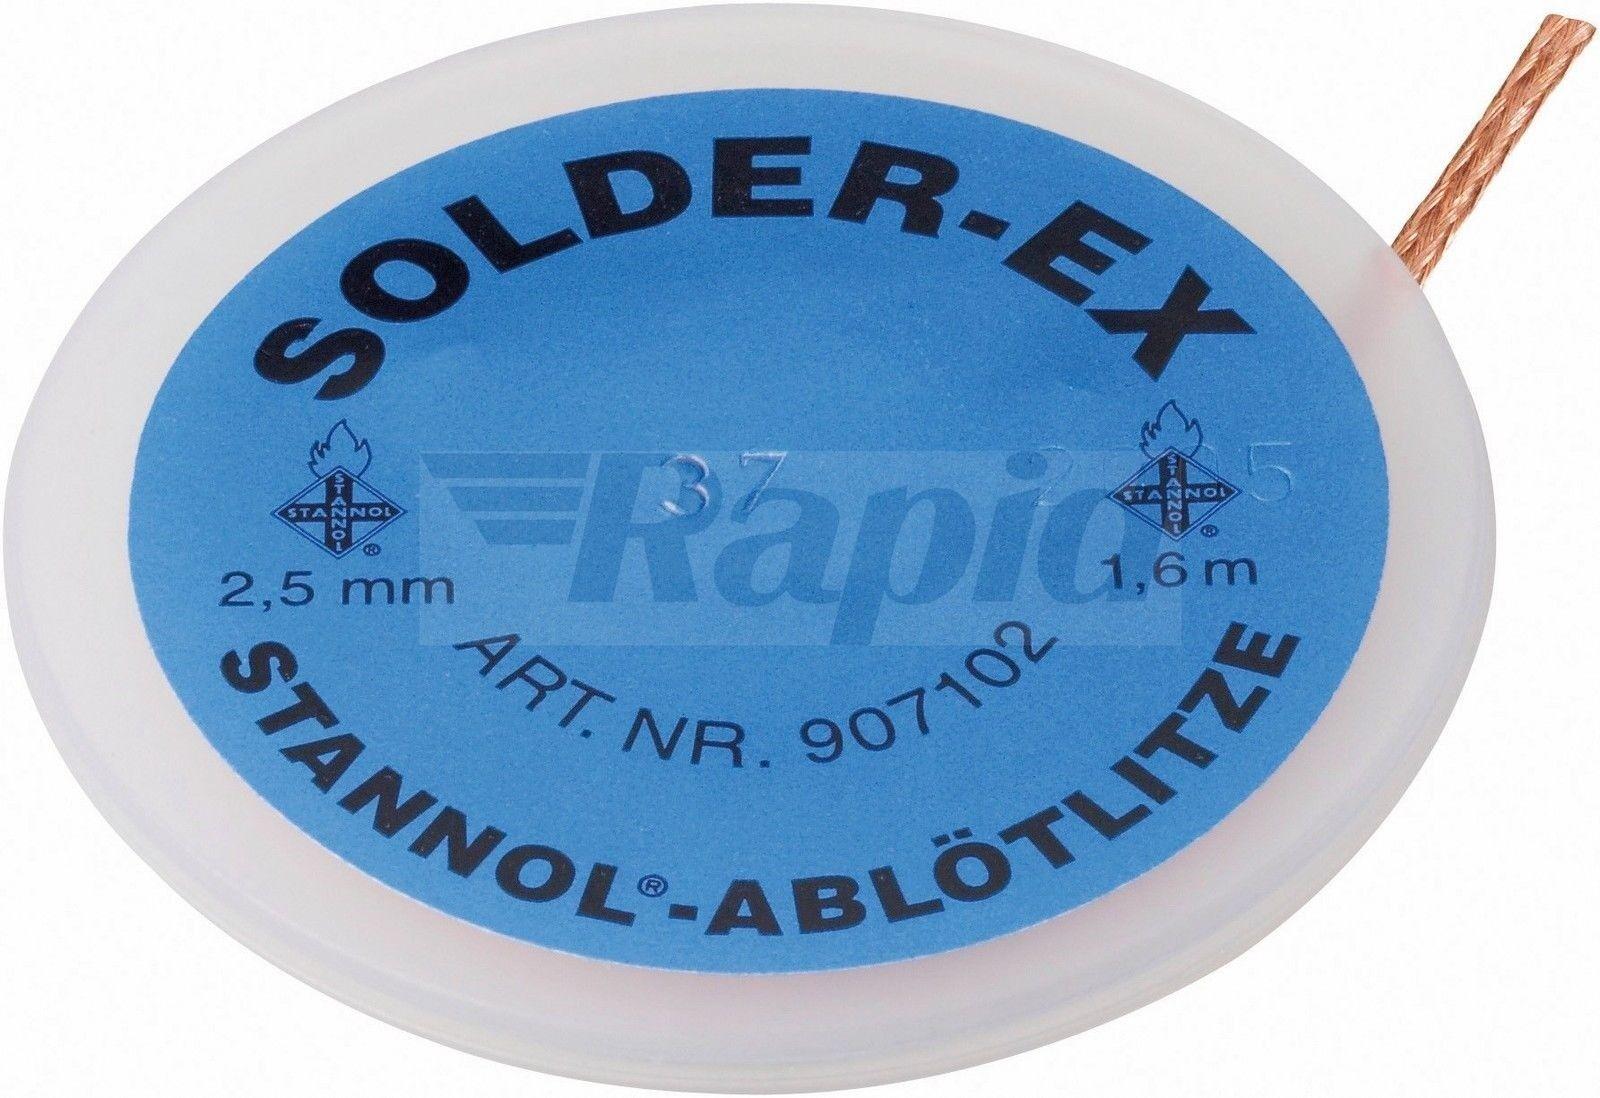 Stannol 907101 Solder-EX 2.0 mm 1.6 m